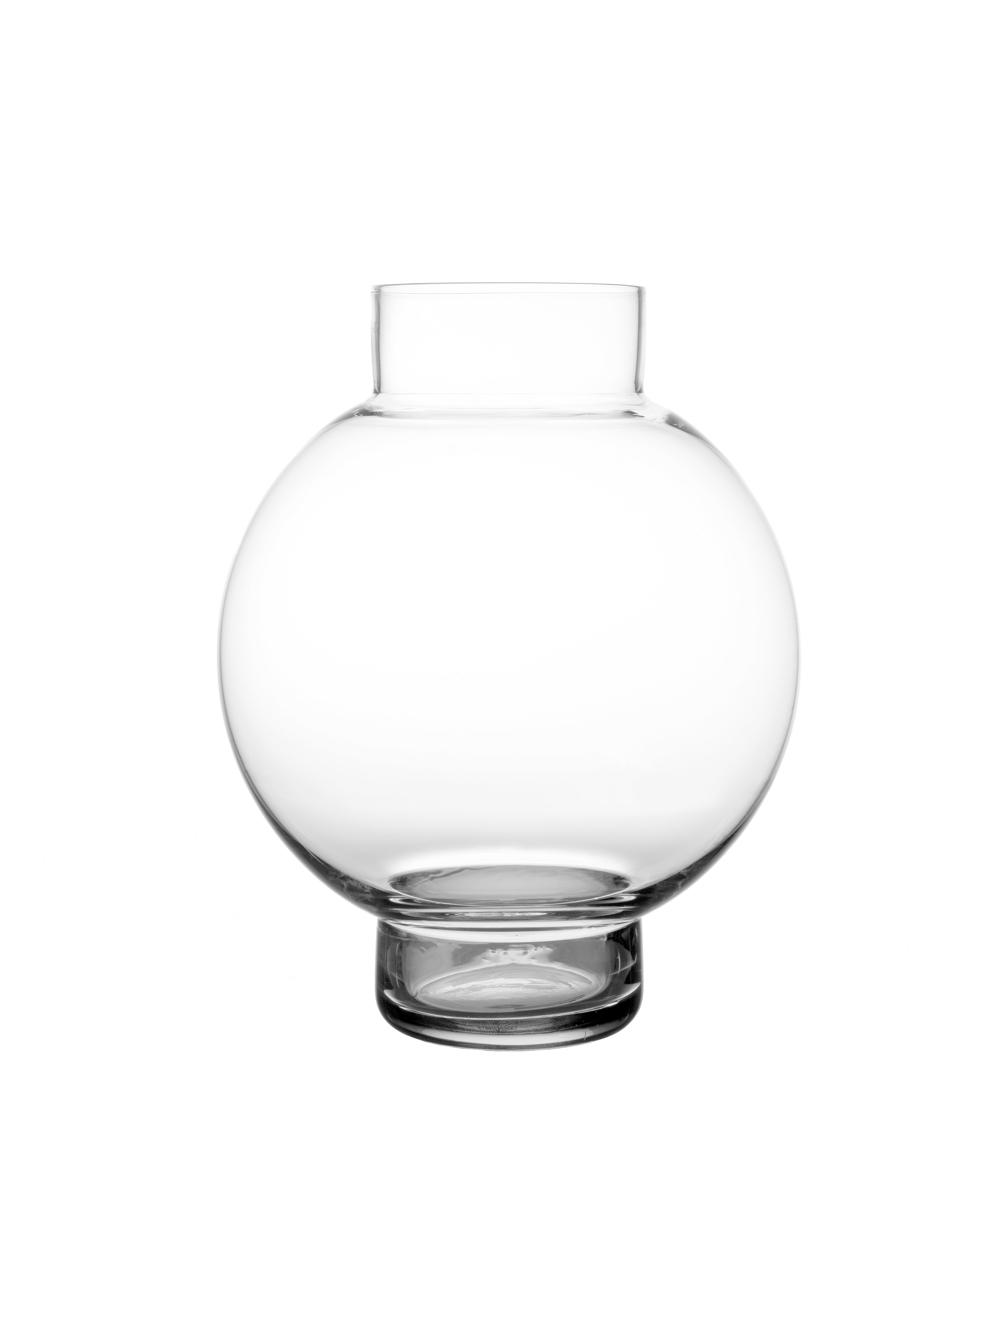 TOKYO Candle holder/Vase Large